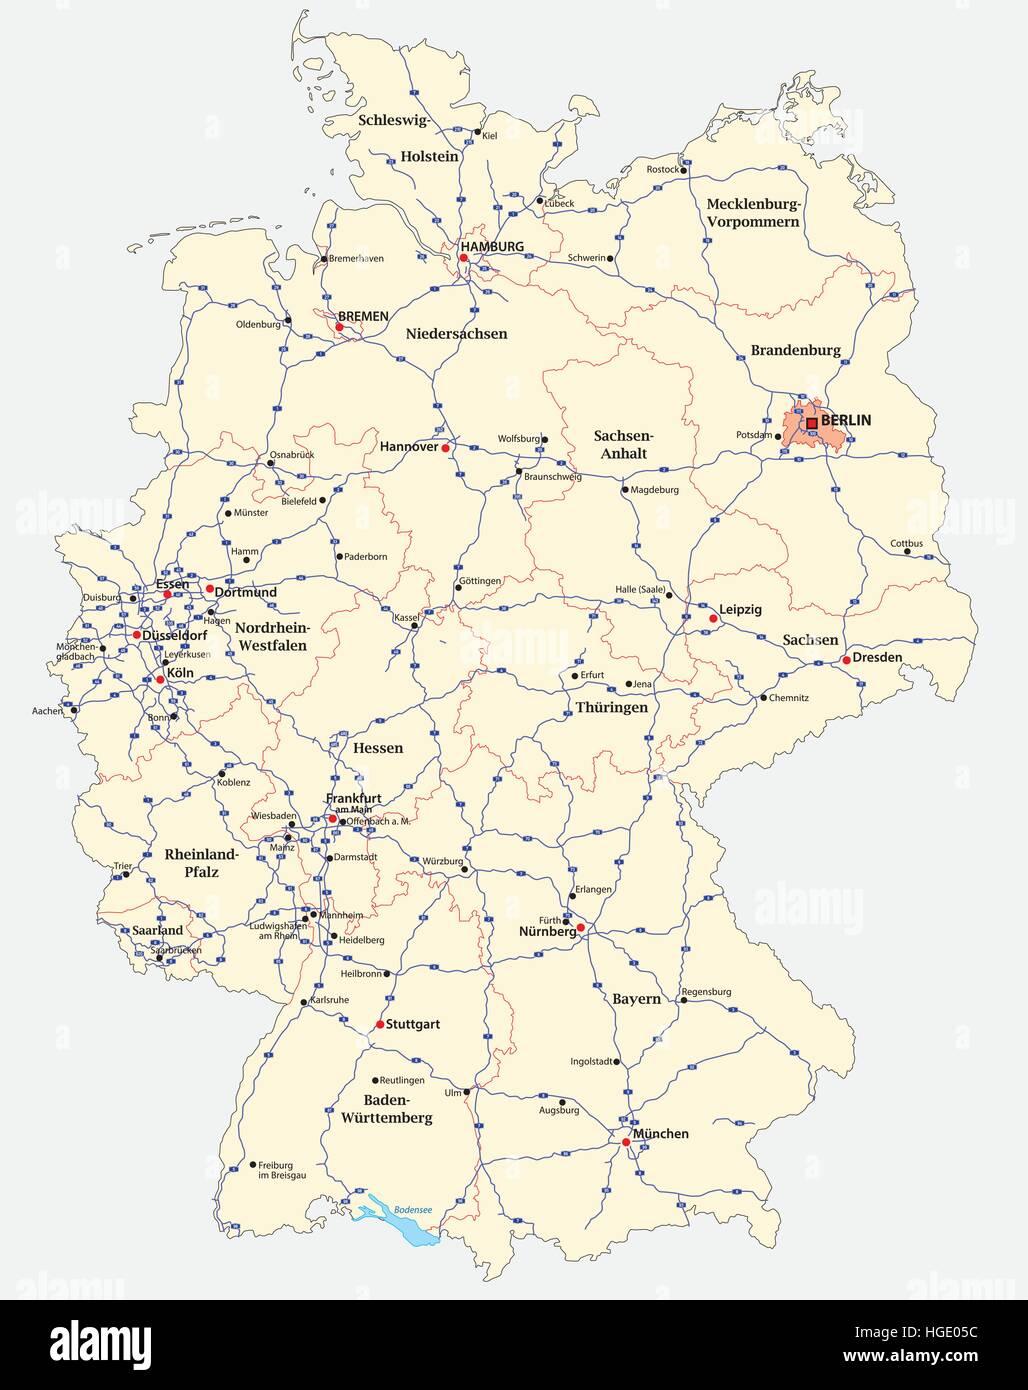 autobahn karte Autobahn Karte Deutschland Vektor Abbildung   Bild: 130614552   Alamy autobahn karte